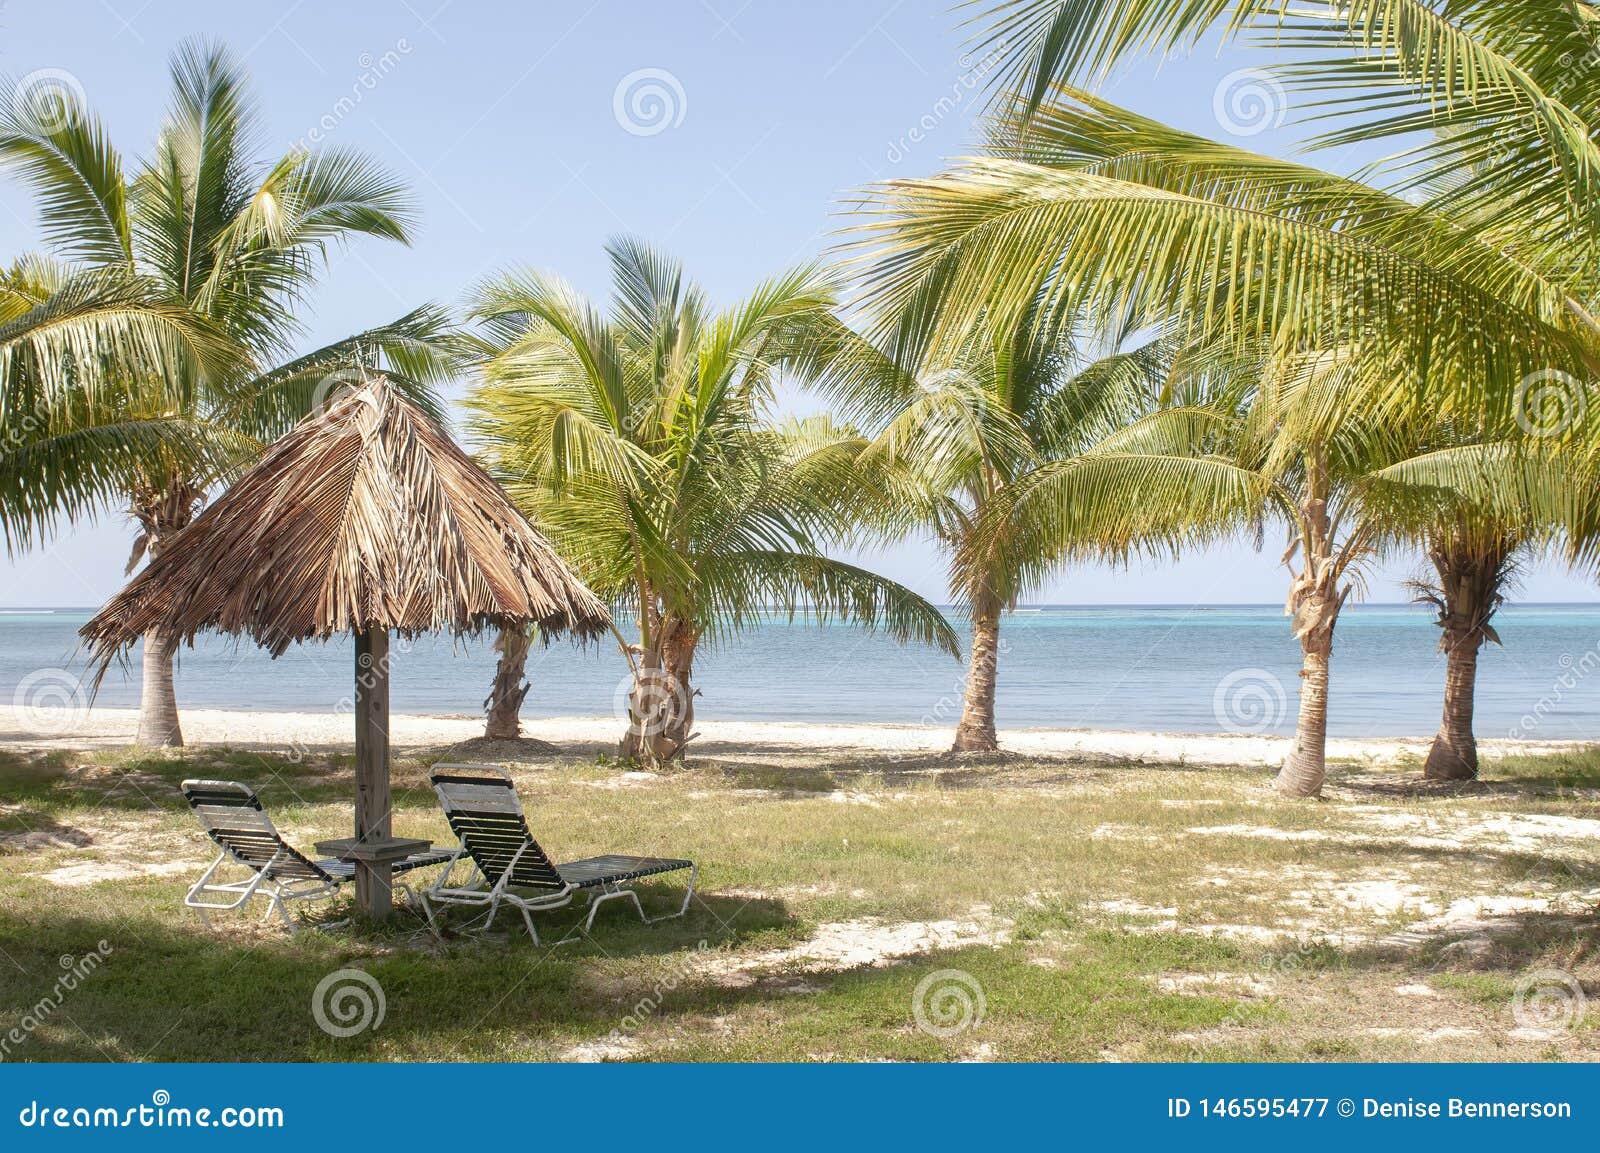 Hut met Stoelen en Palmen op Strandlandschap met Mooie Blauwe Wateren op Eiland